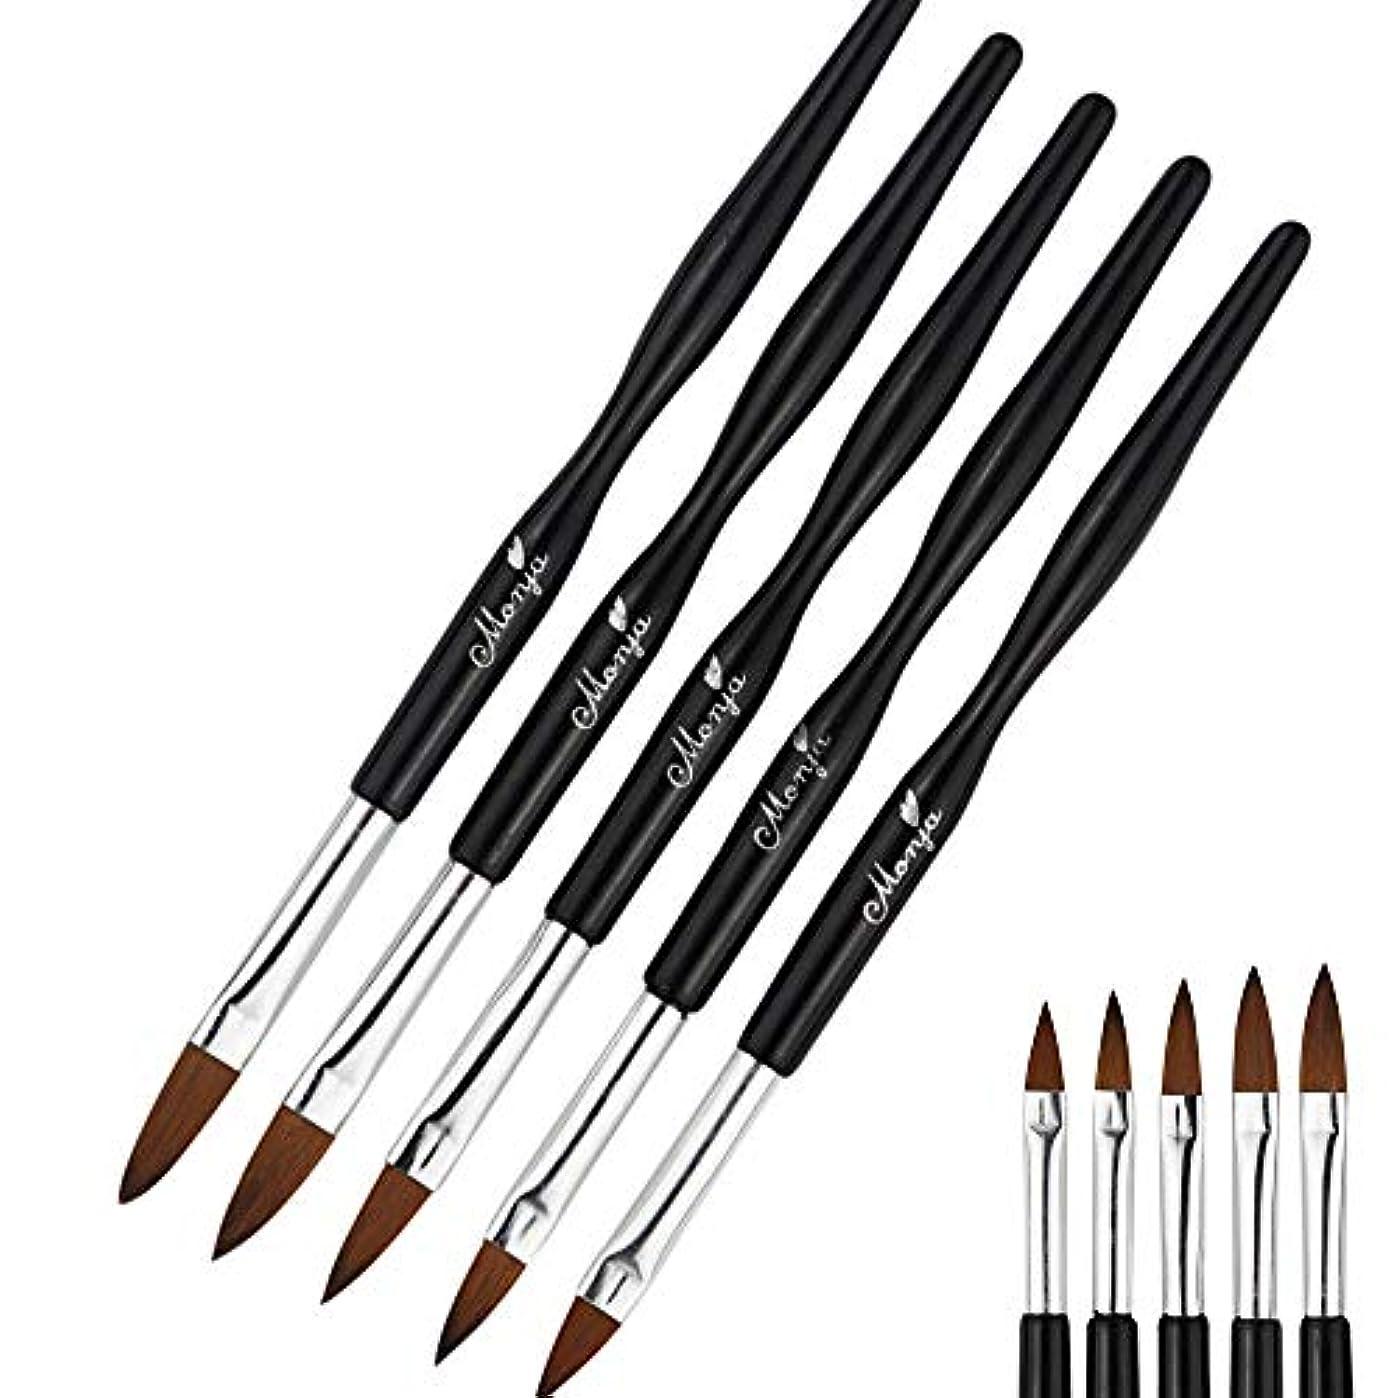 寄り添う利点言い換えるとKingsie ネイルブラシ 5本セット 黒 スカルプ ネイルアートブラシ アクリルネイル ジェルネイル ネイル筆 ネイルアートペン